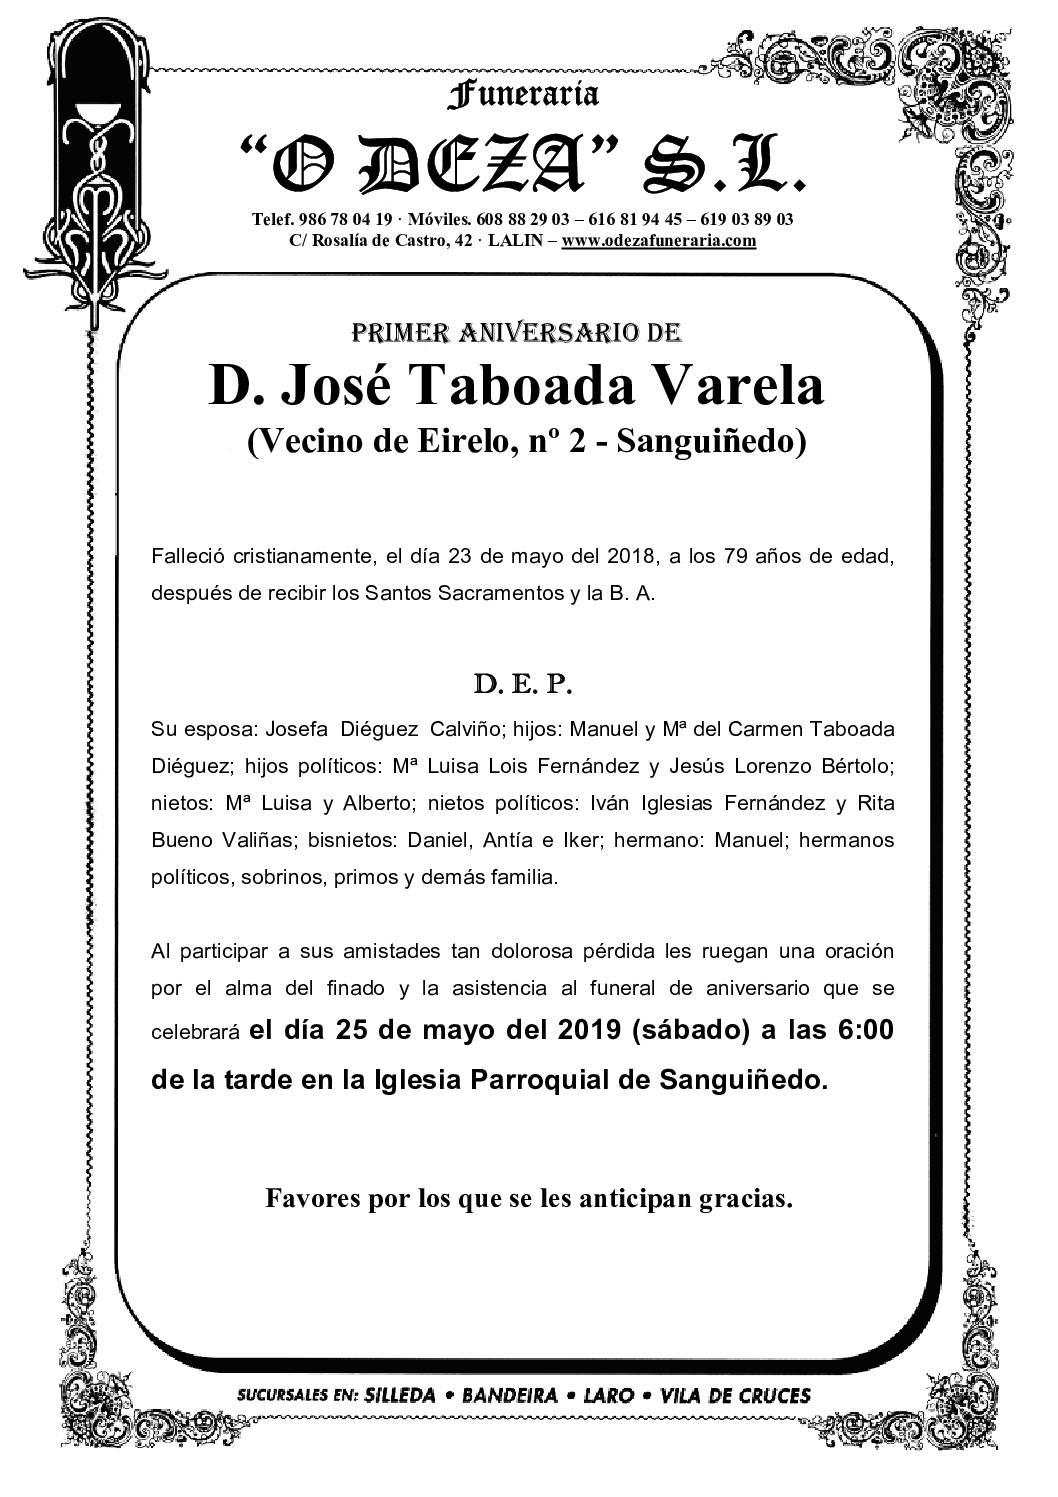 D. JOSÉ TABOADA VARELA